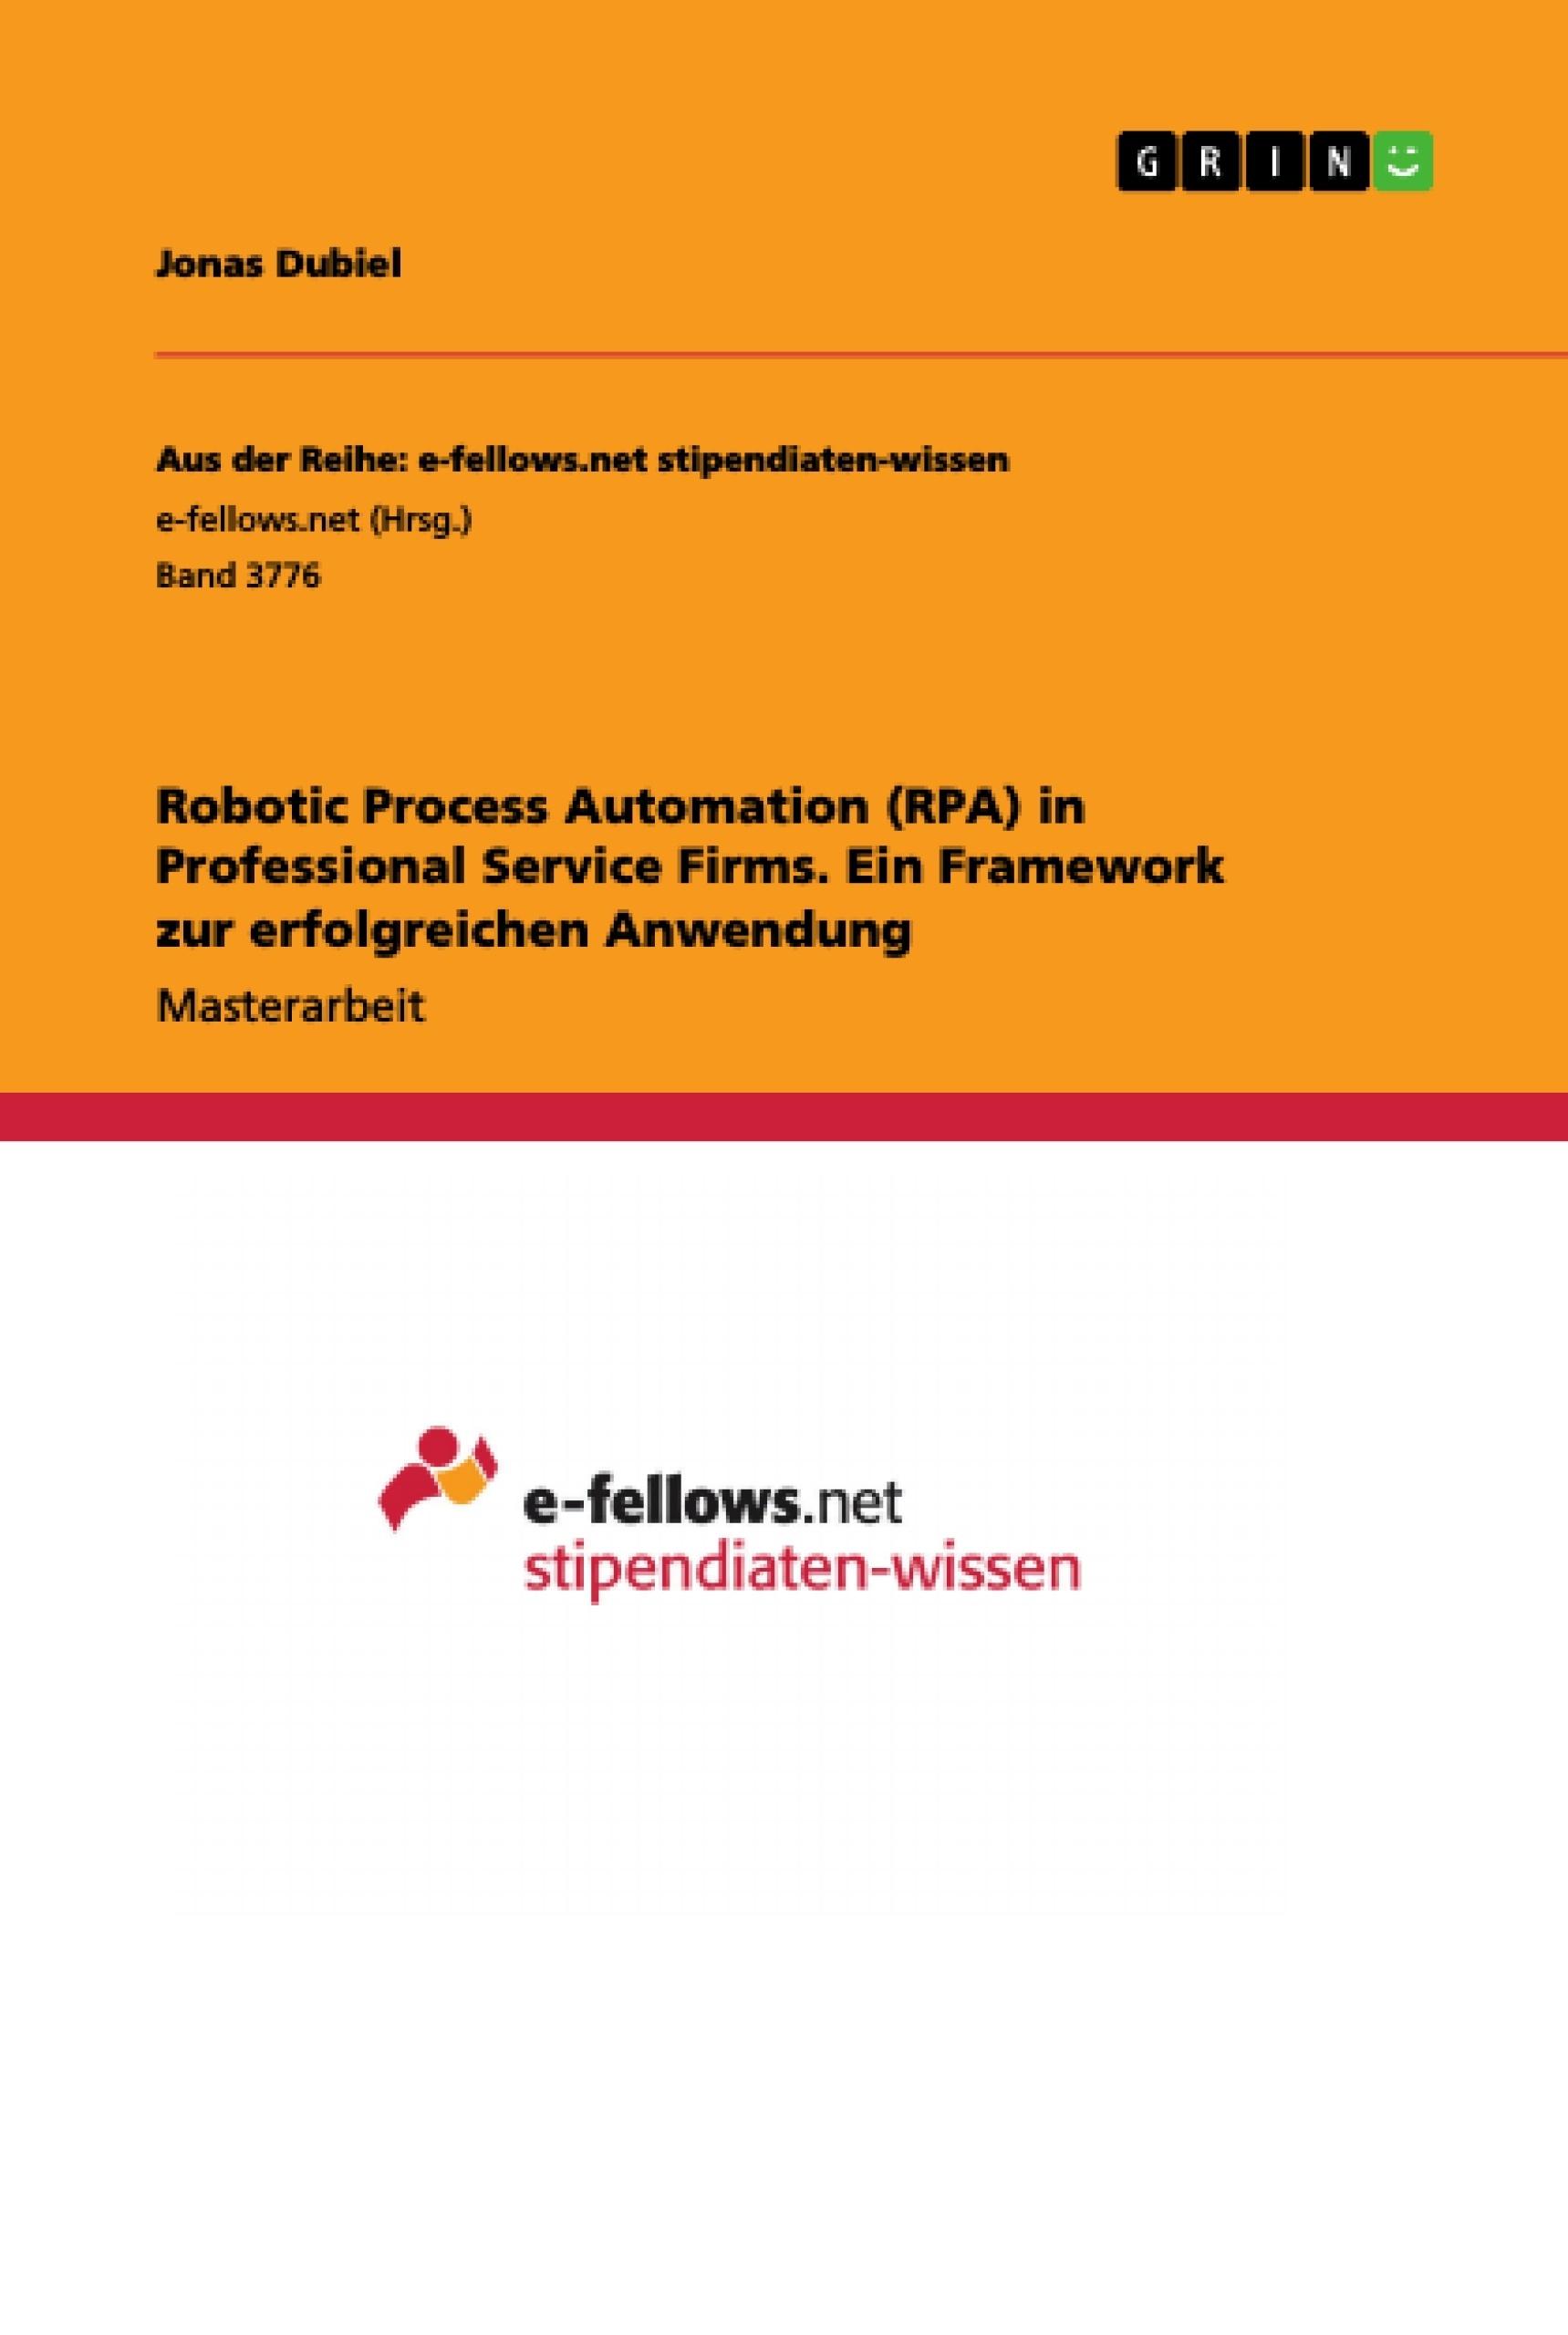 Titel: Robotic Process Automation (RPA) in Professional Service Firms. Ein Framework zur erfolgreichen Anwendung